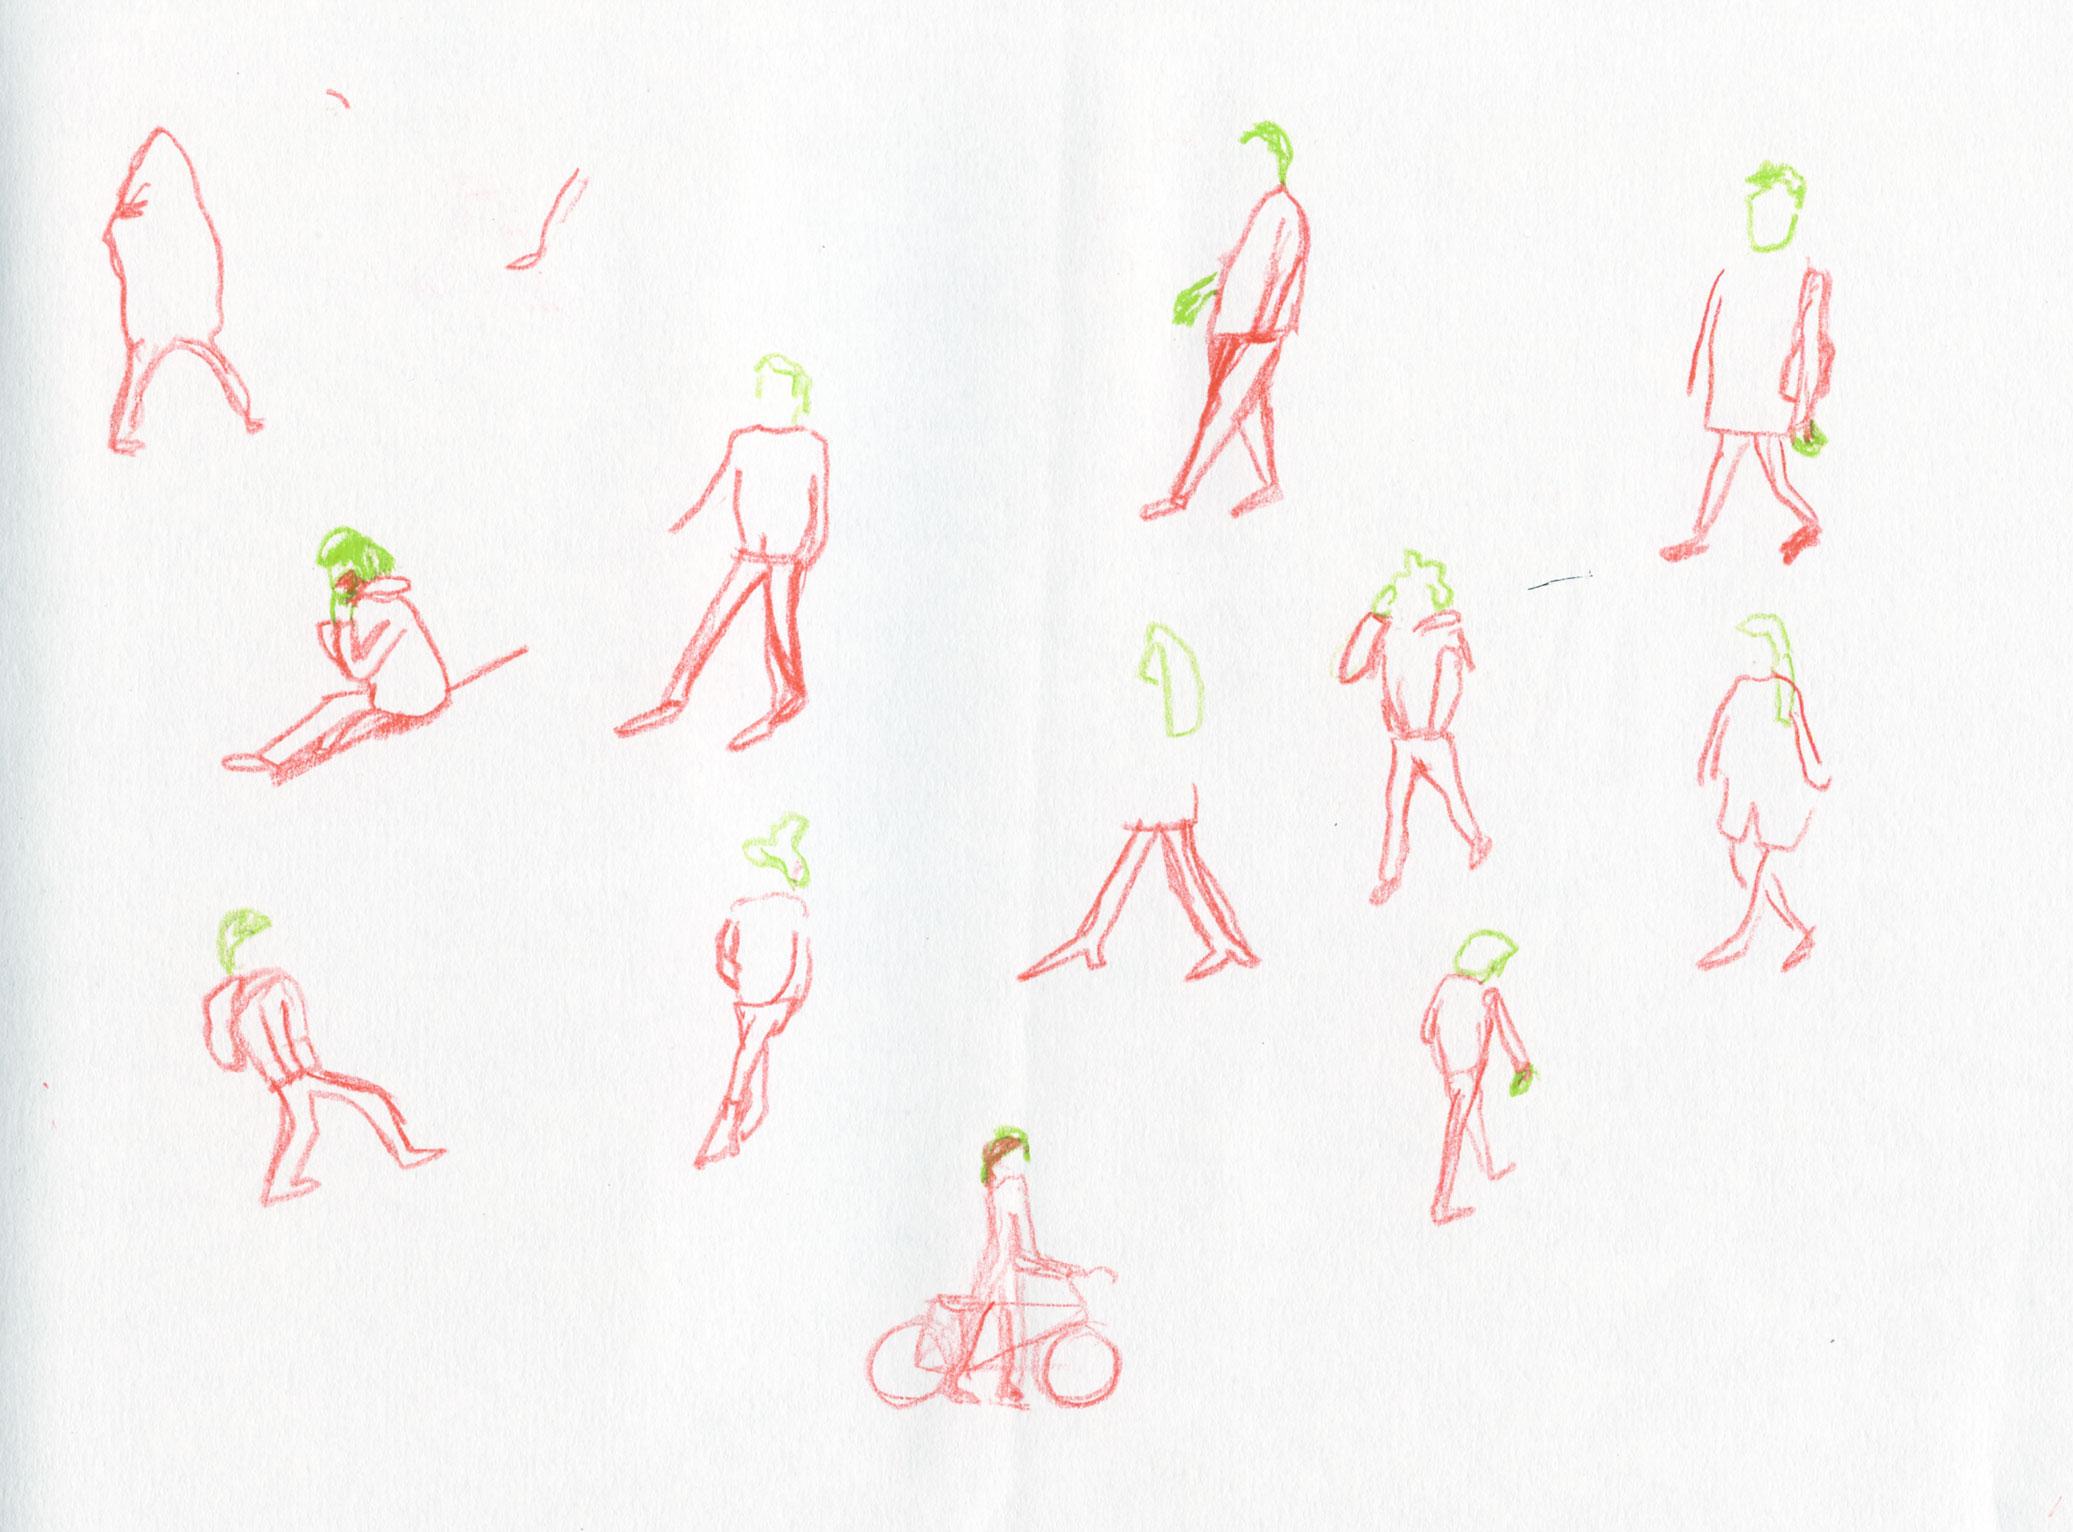 sketch people walking by ellen vesters illustrator ma childrens book illustration